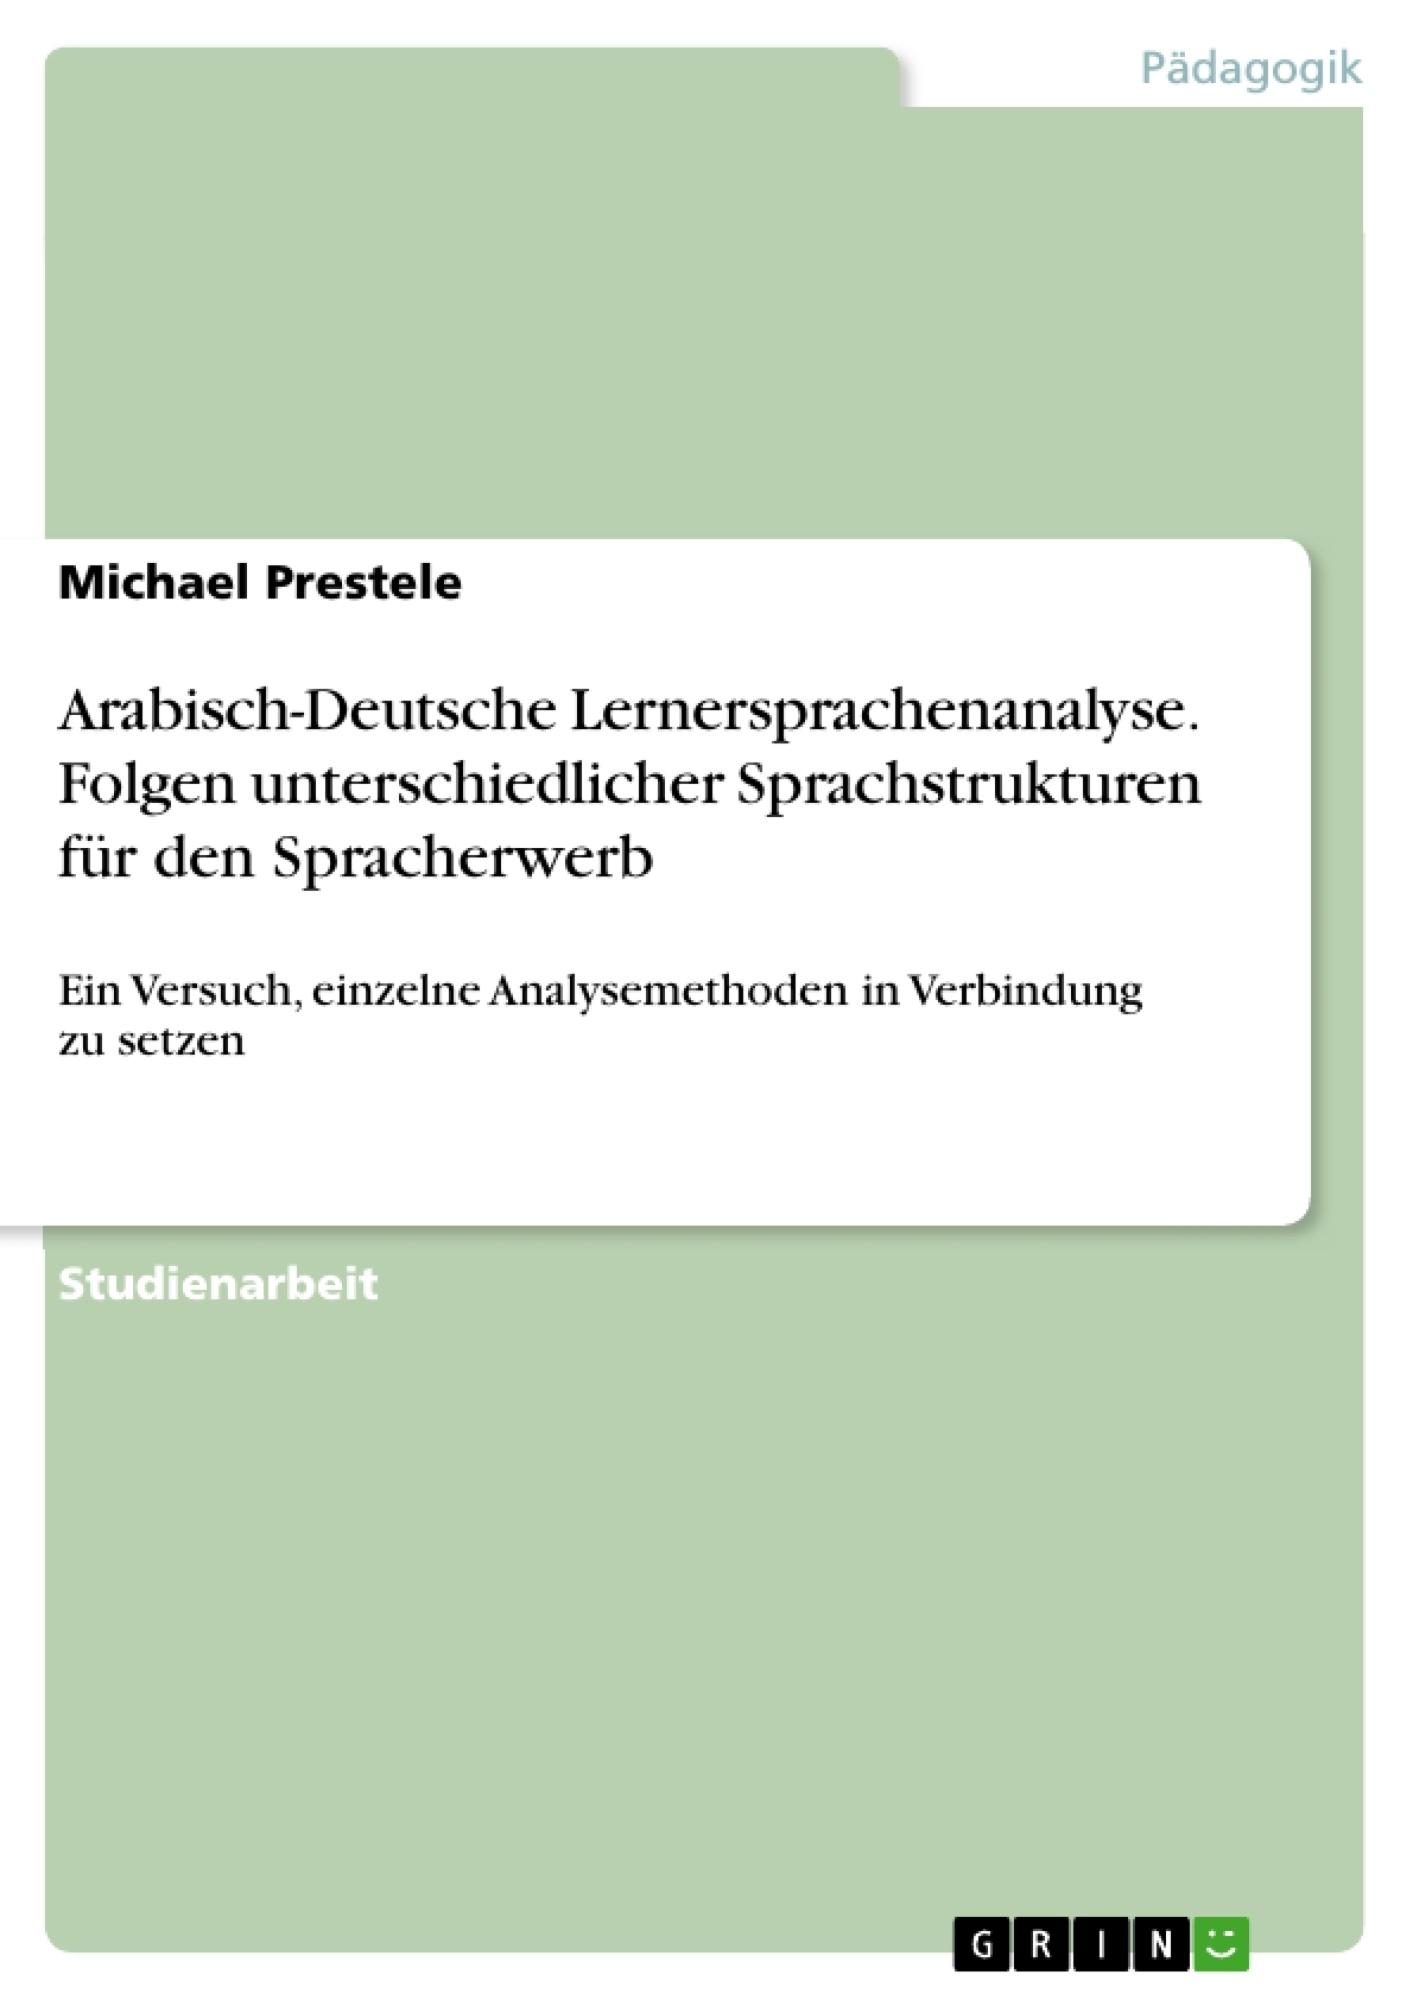 Titel: Arabisch-Deutsche Lernersprachenanalyse. Folgen unterschiedlicher Sprachstrukturen für den Spracherwerb